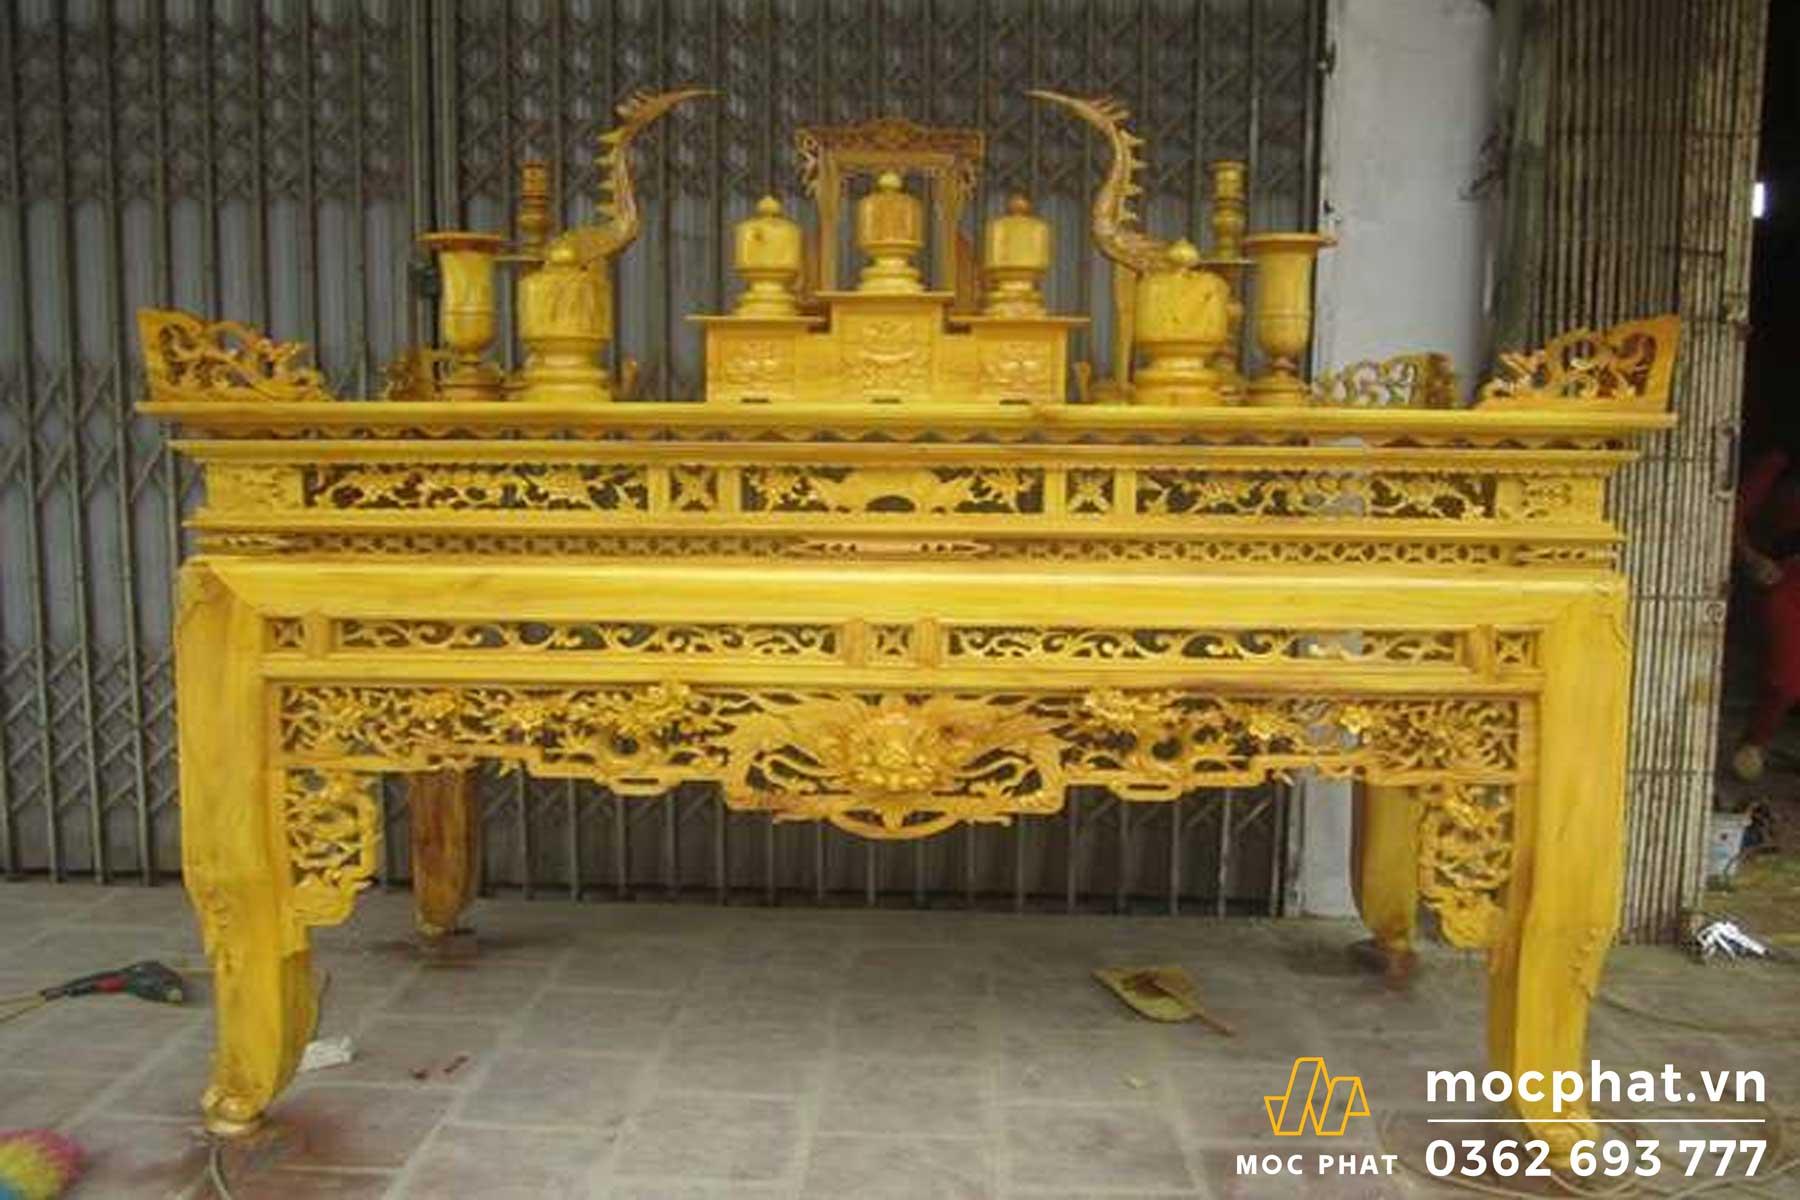 Gỗ mít thường được dùng làm bàn thờ gia tiên